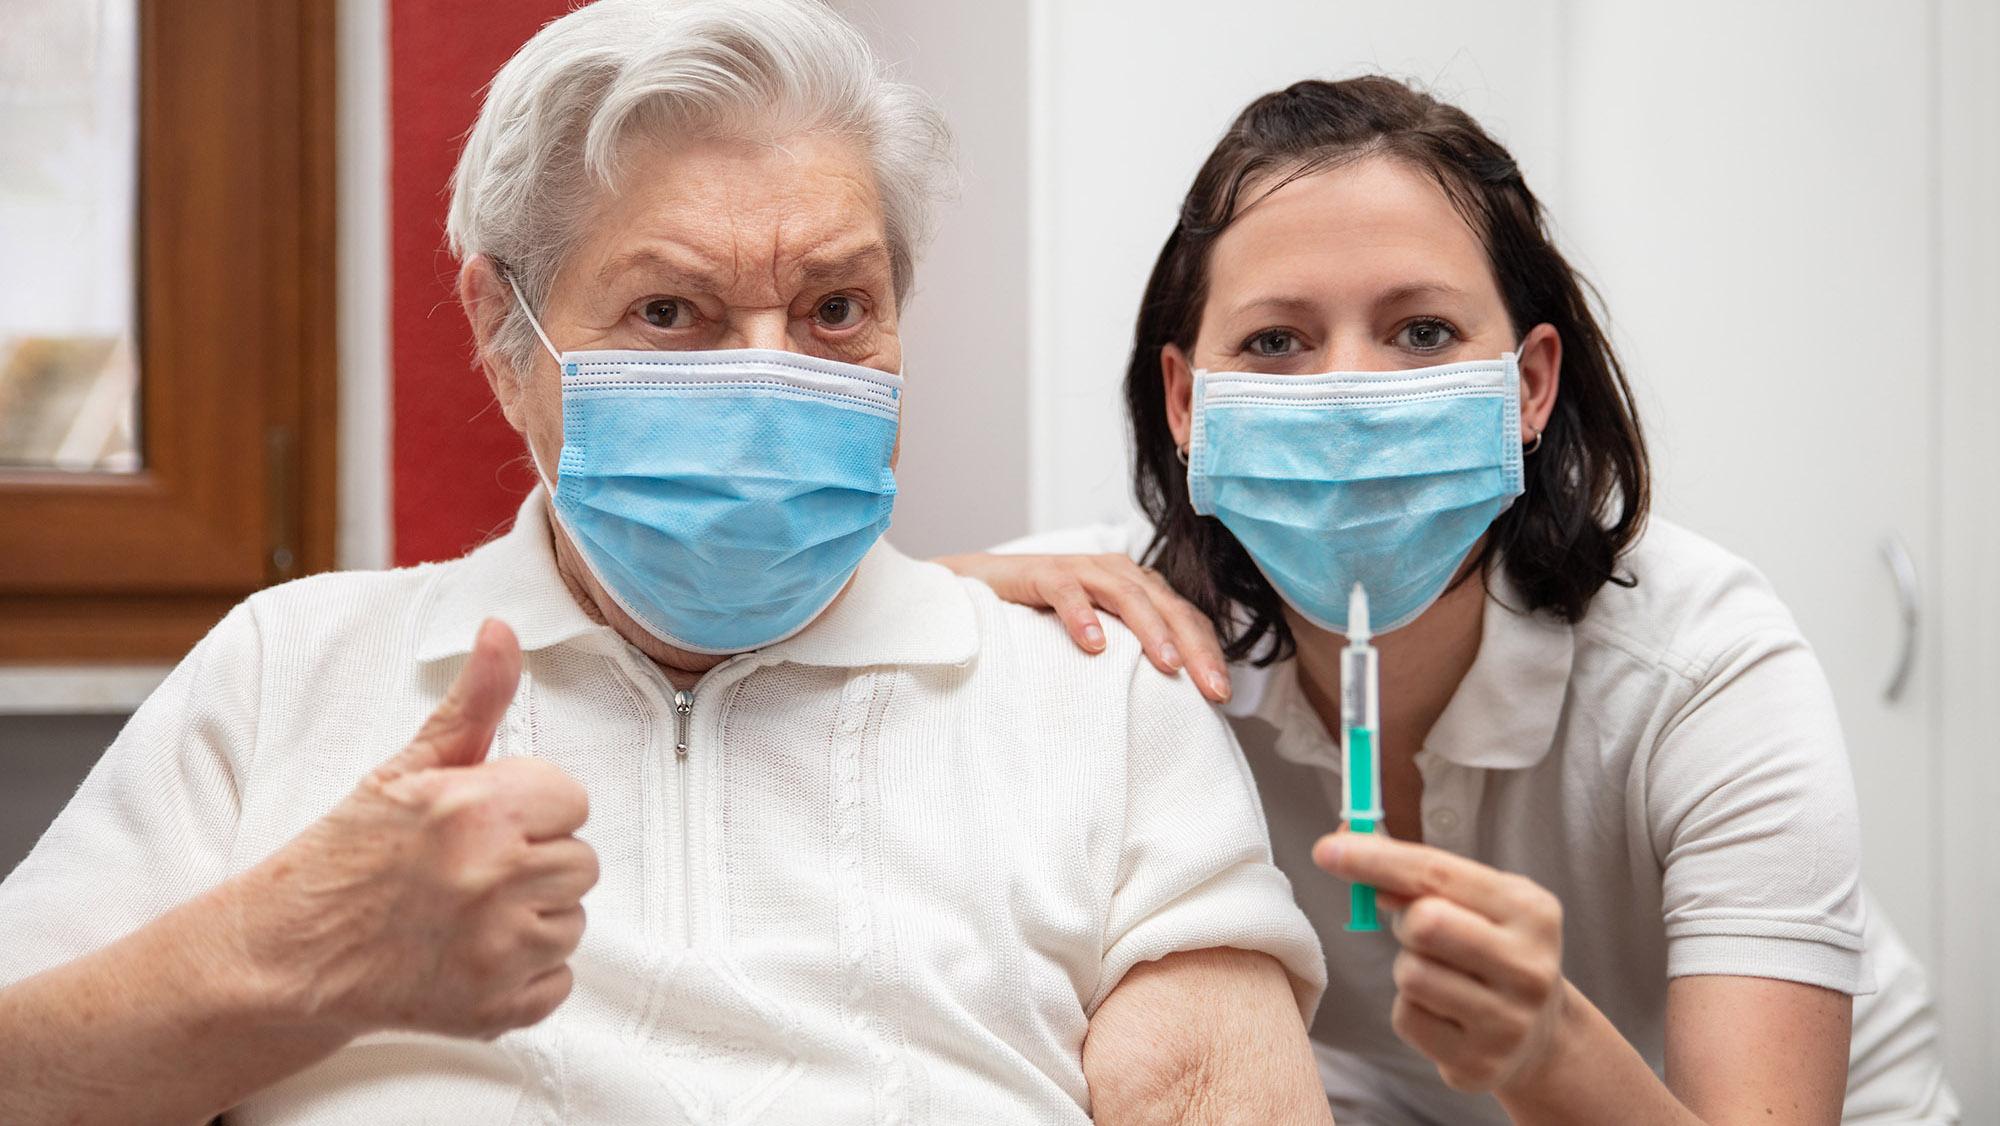 Koronawirus. Jak przygotować się do szczepienia przeciwko COVID-19? - Zdjęcie główne